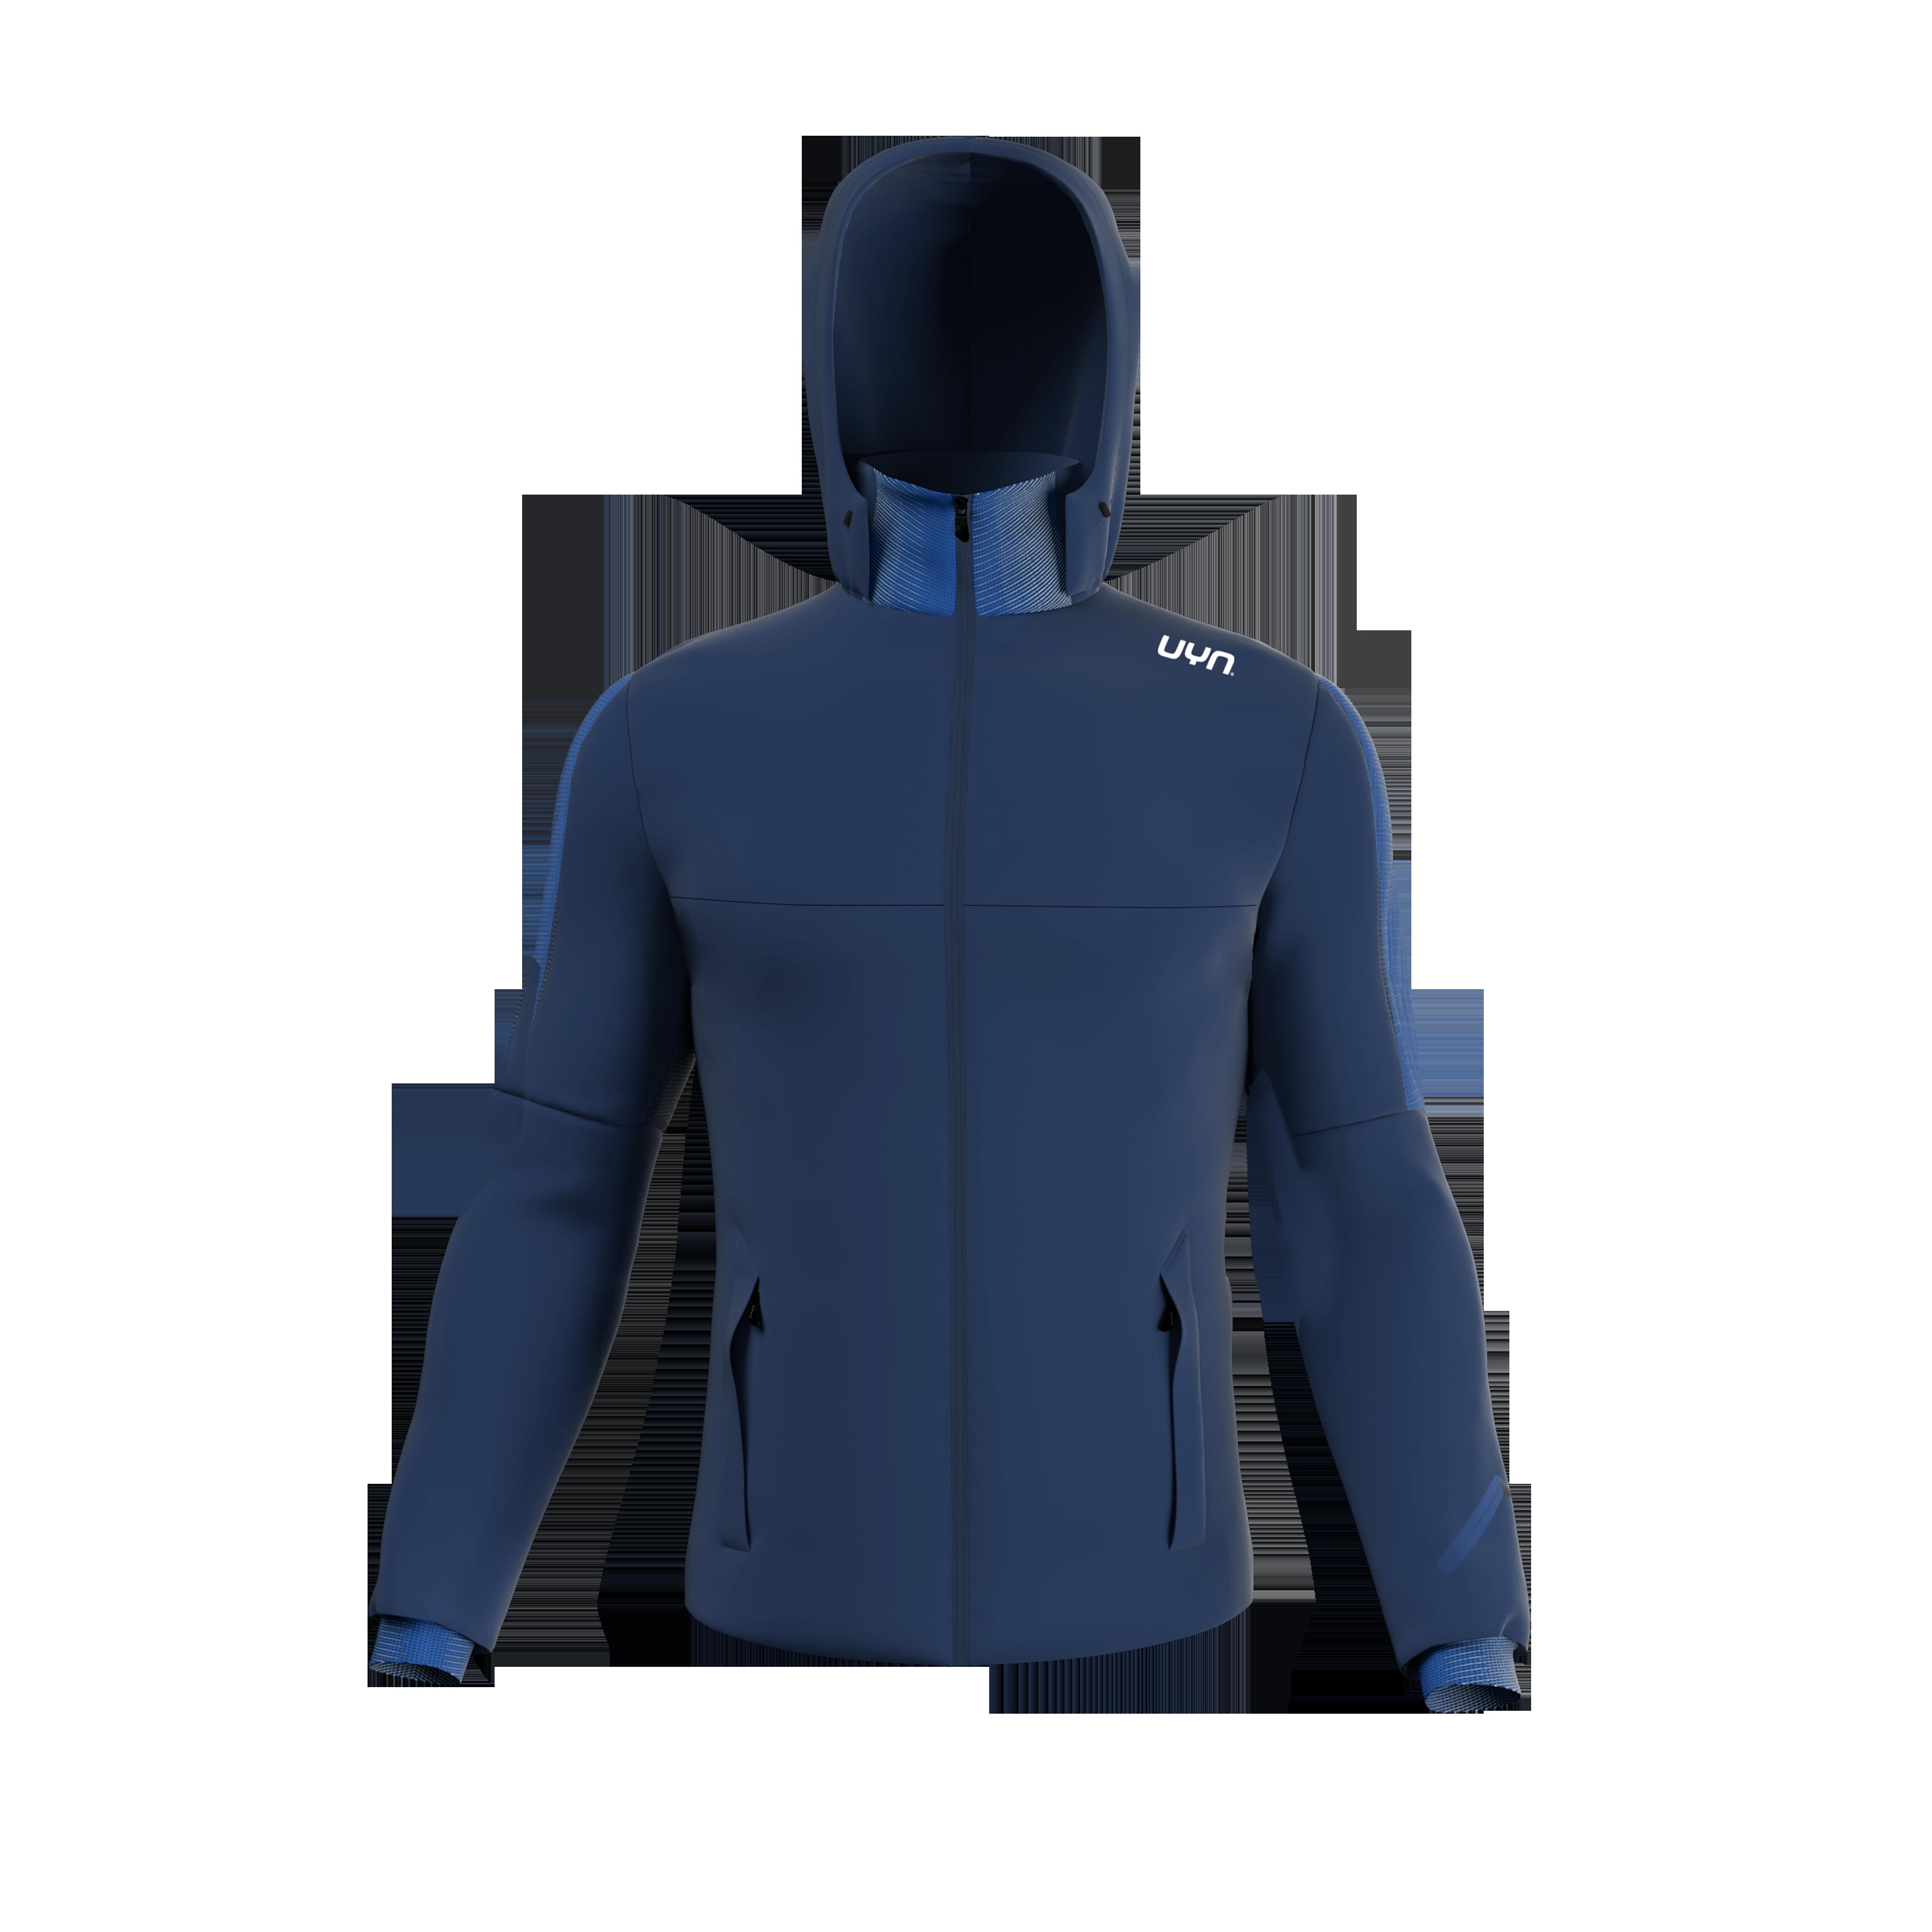 UYN Kollektion für Herbst/Winter 2020/2021: Revolutionäre Skibekleidung und neue Funktionsunterwäsche Natyon für zehn Ski-Nationalmannschaften